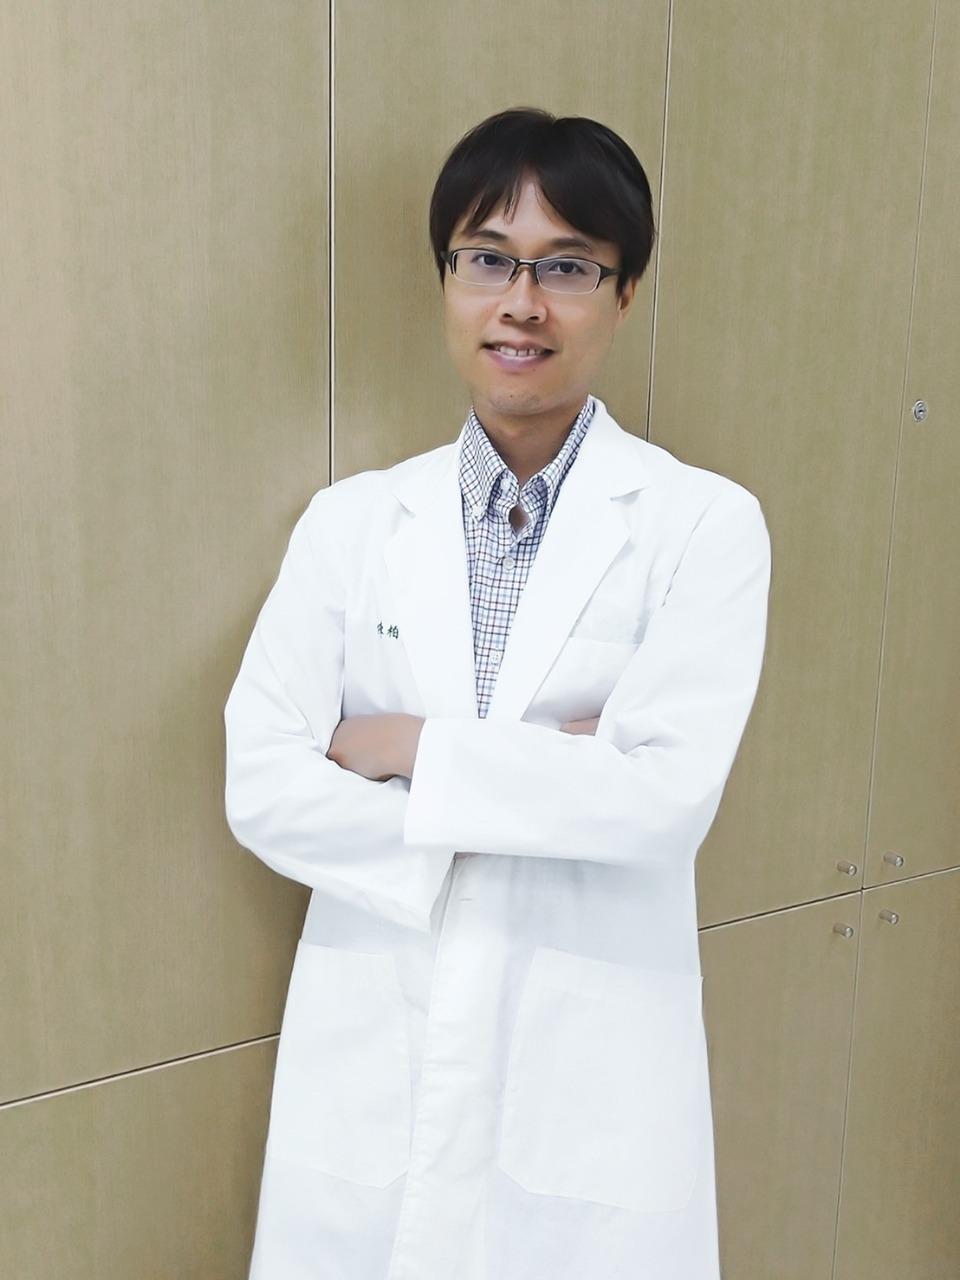 身心科醫師